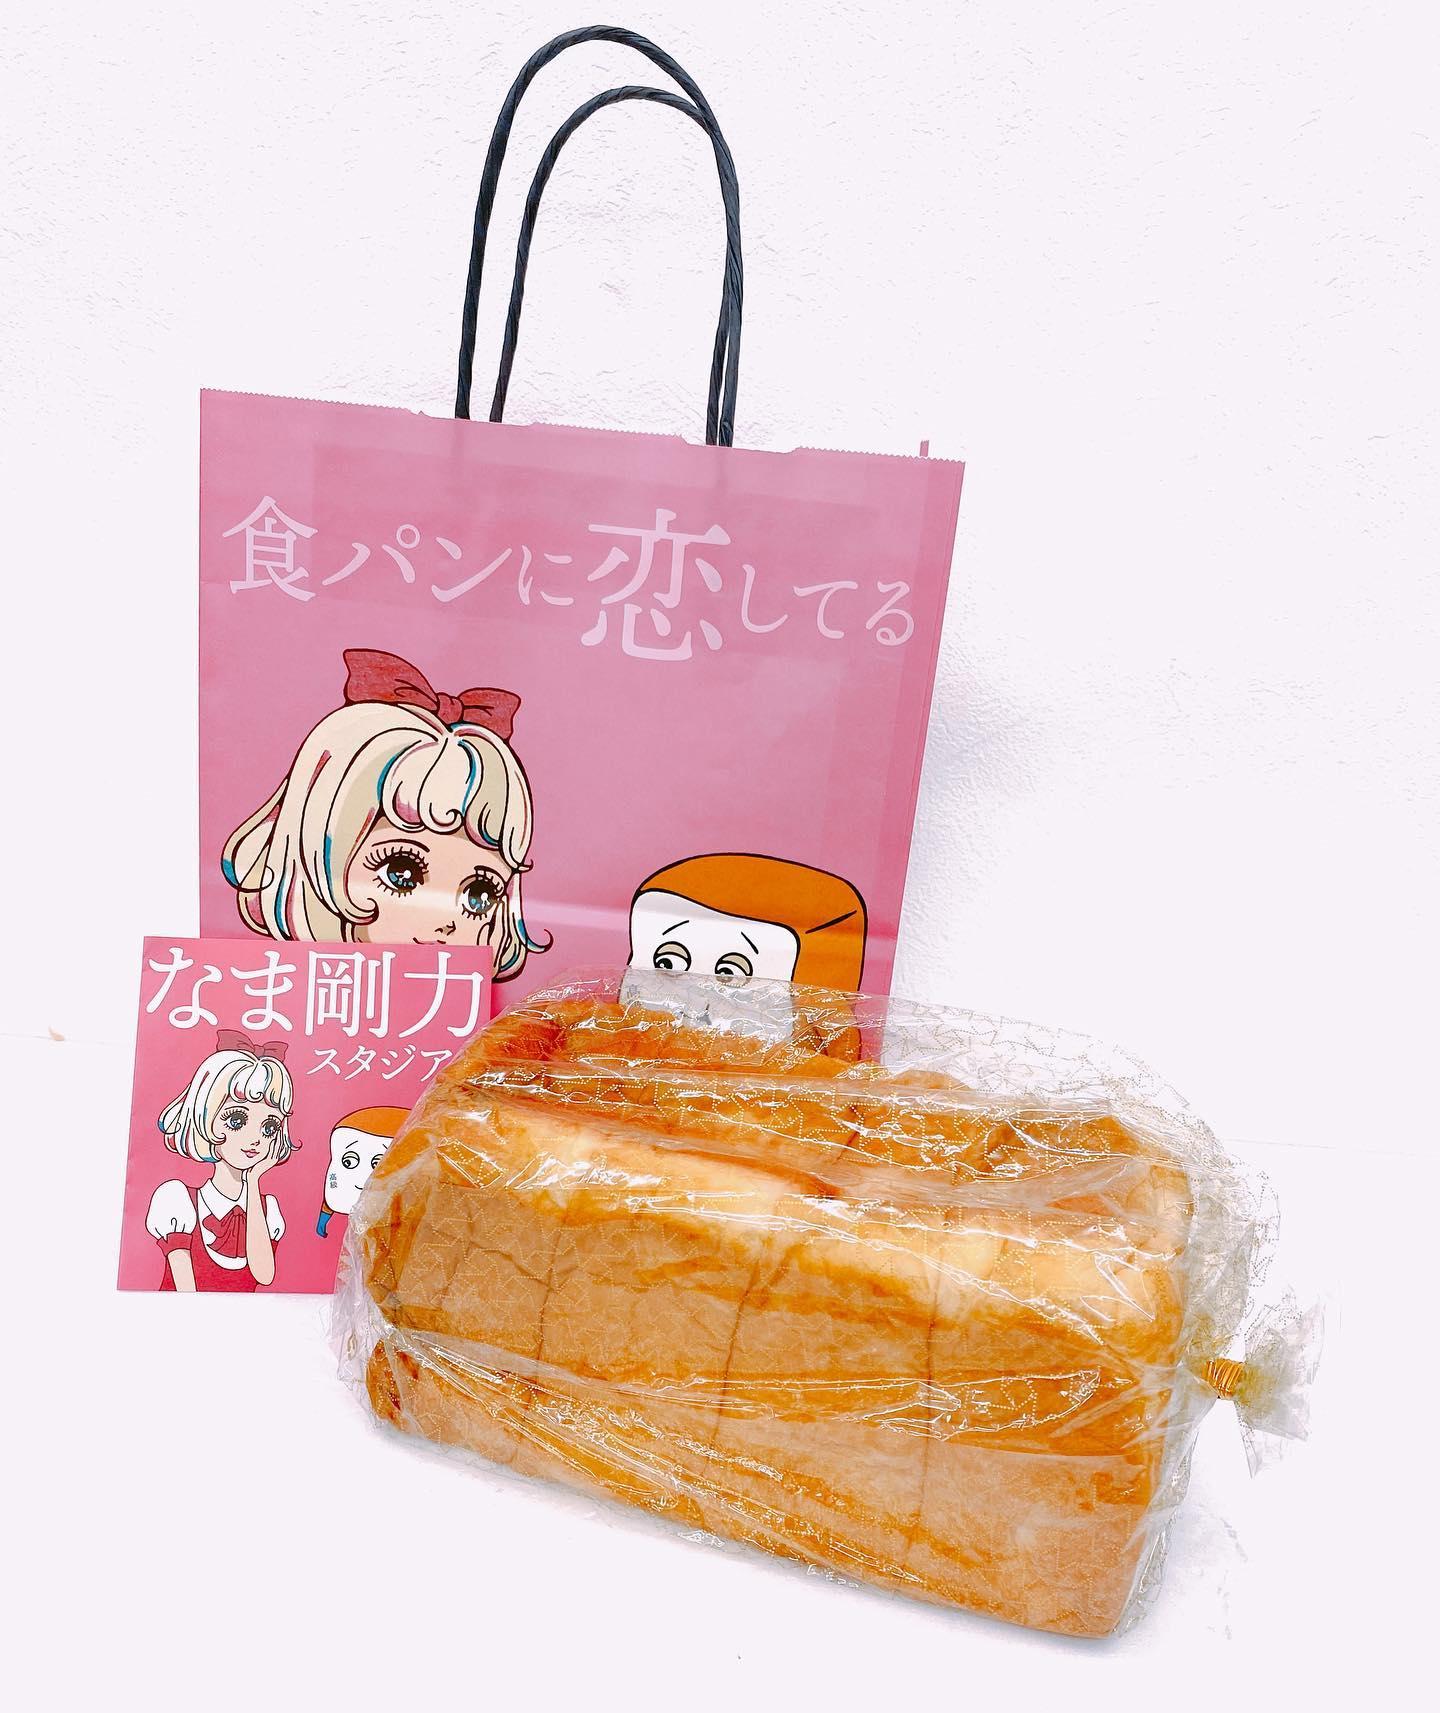 朝はパン(っ^ω^c)🥖 昼もパン(っ^ω^c) 夜もパン(っ^ω^c)🥐  最近深谷にできたなま剛力スタジアムに行ってきましたദ്ദി^._.^)  『食パンに恋してる』  いいキャッチフレーズですね!!  今夜早速いただきます🤤🤤